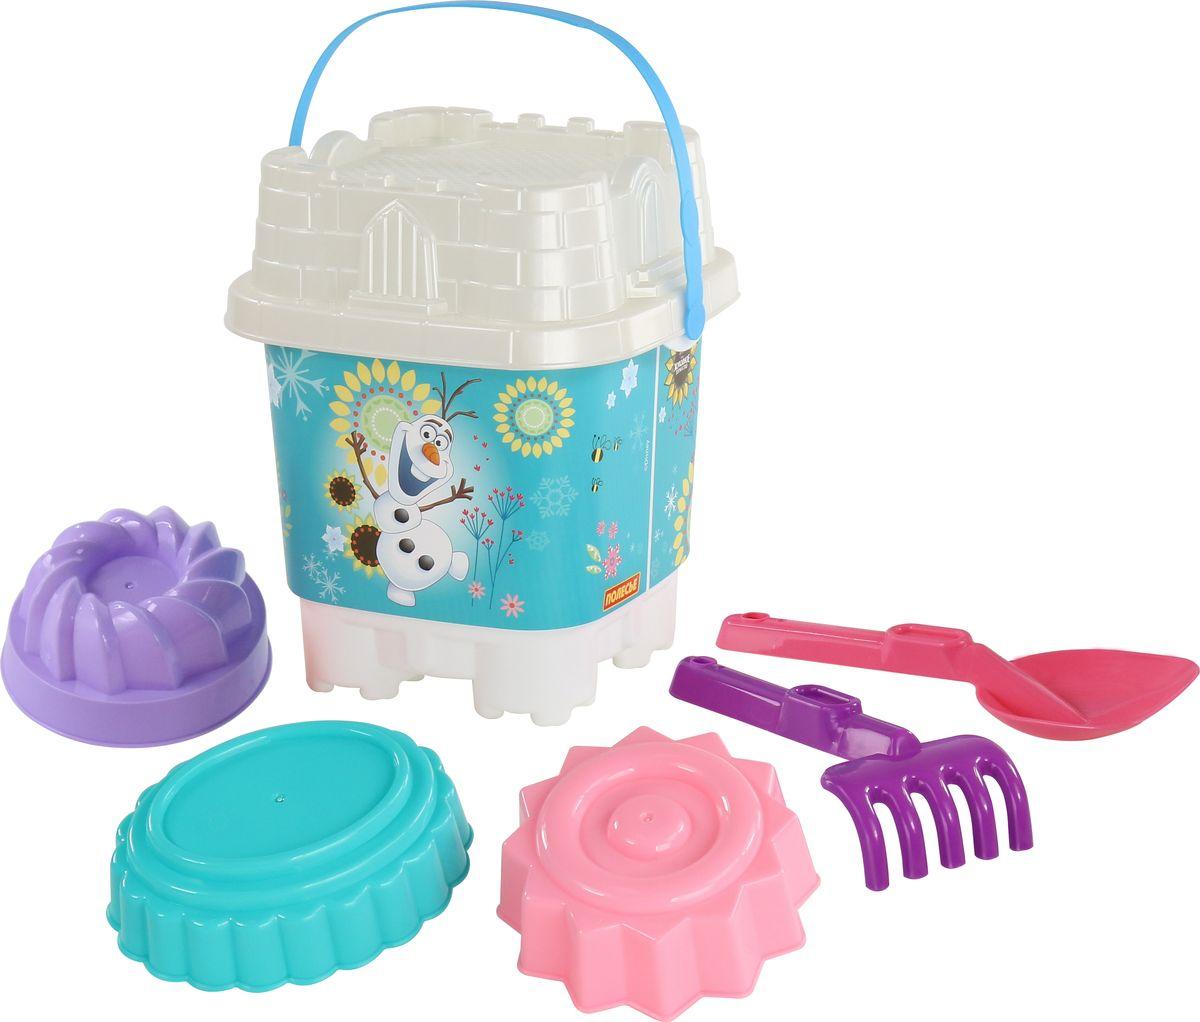 Disney Набор игрушек для песочницы Холодное сердце №17, цвет в ассортименте